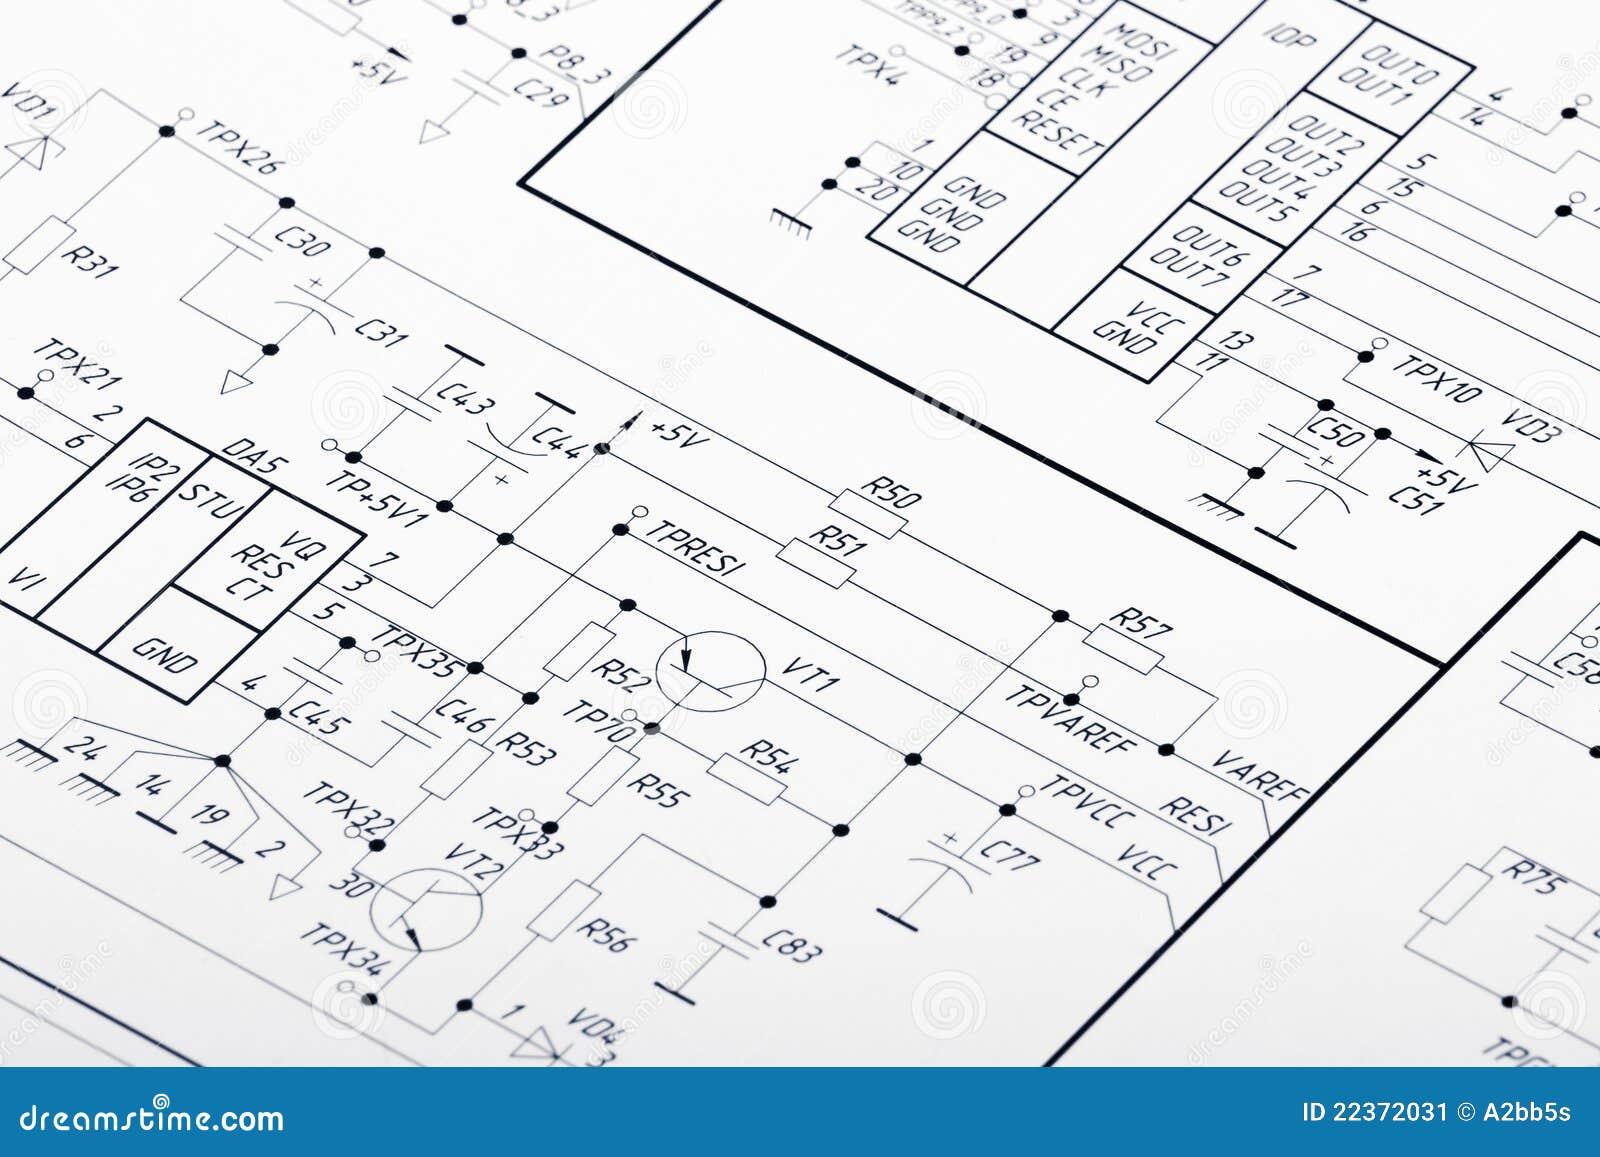 software para desenho de circuitos eletricos  melhor cad gratuito para linux windows mac com